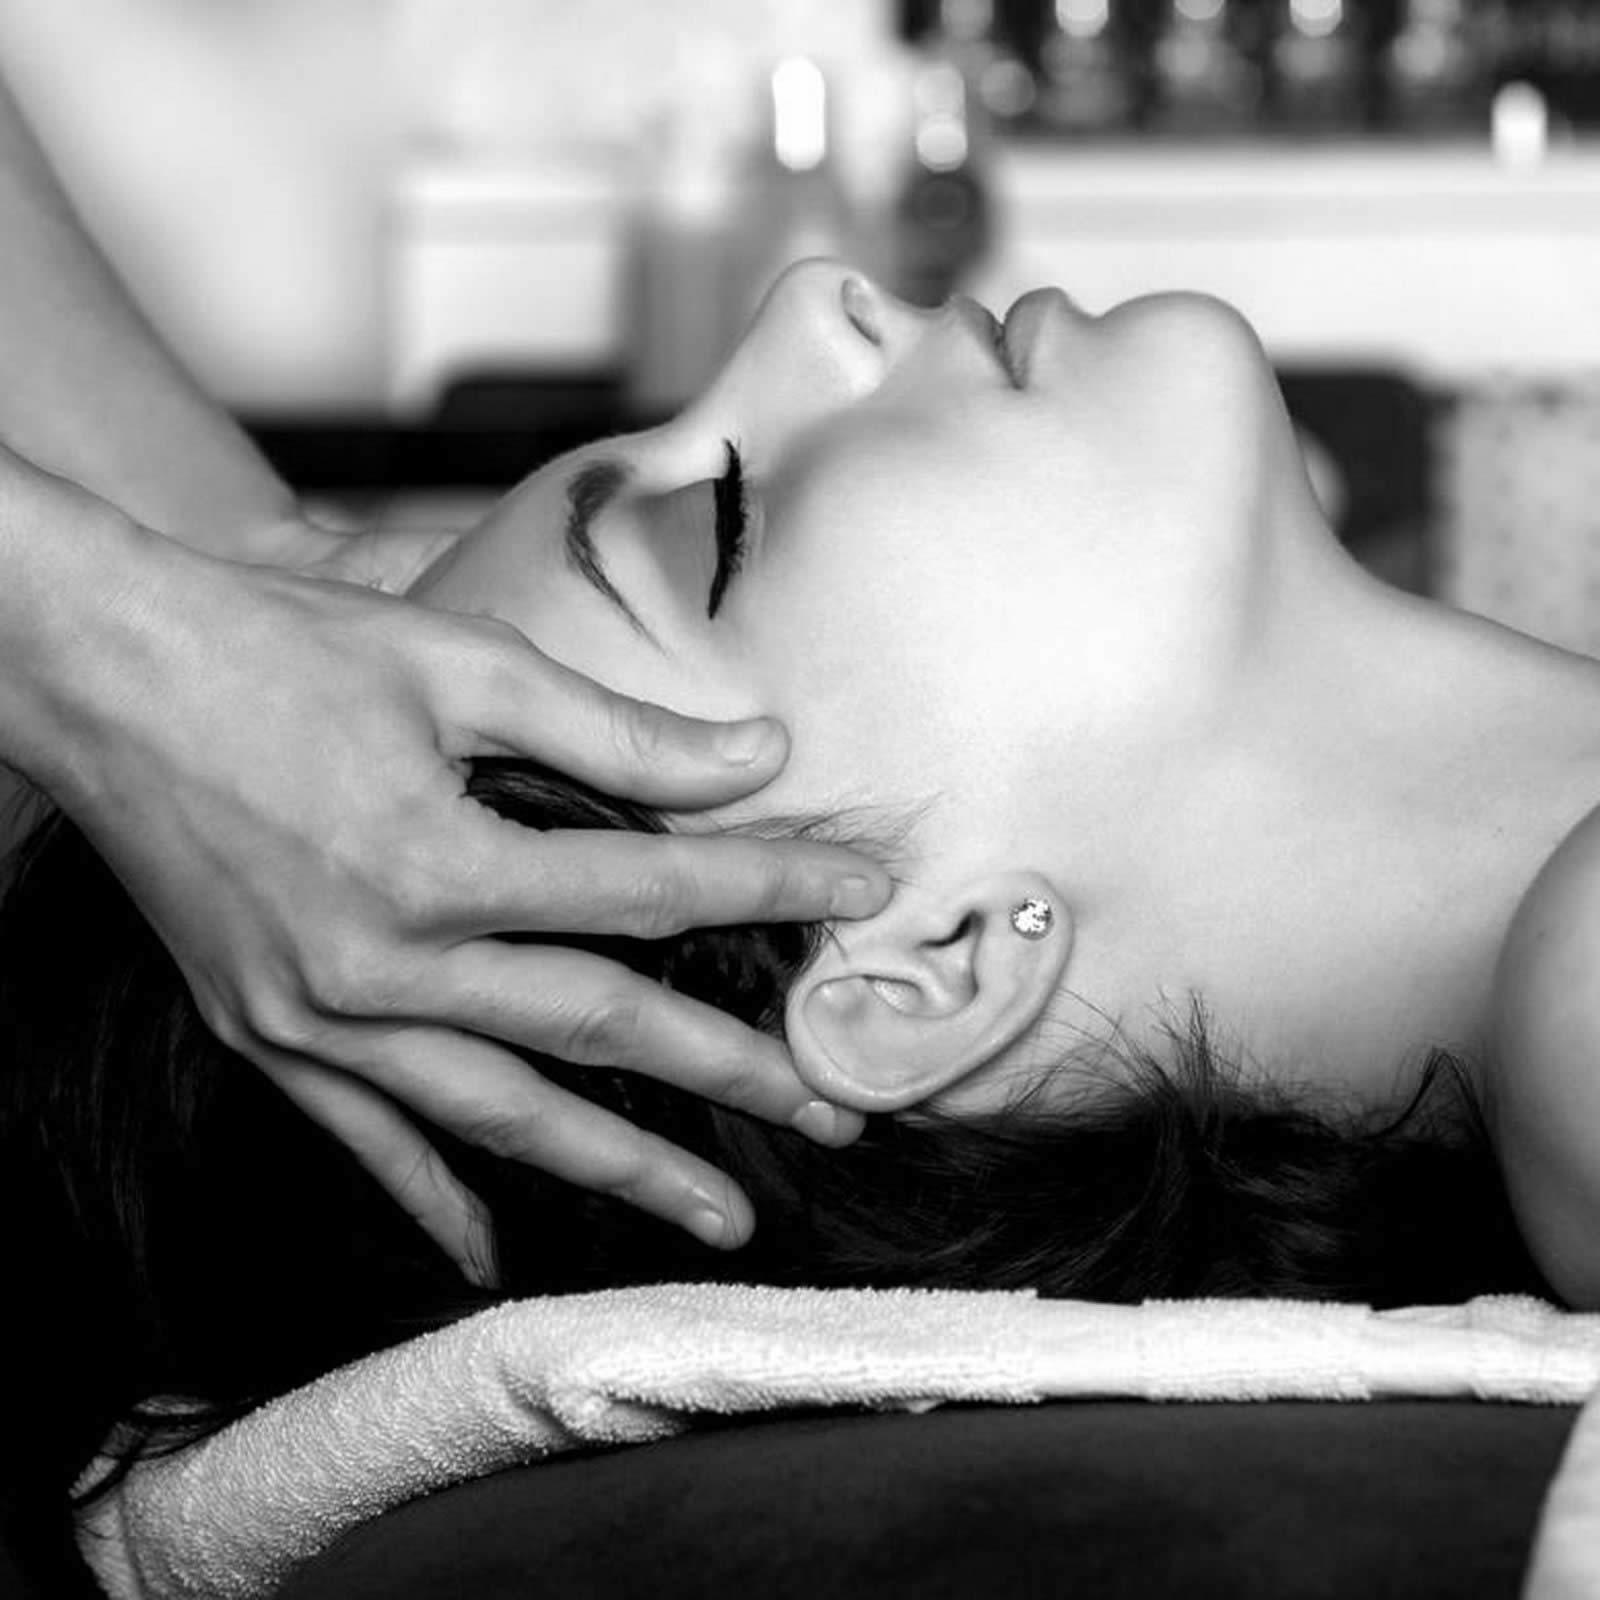 le-spa-dans-le-noir-massages-noir-absolu